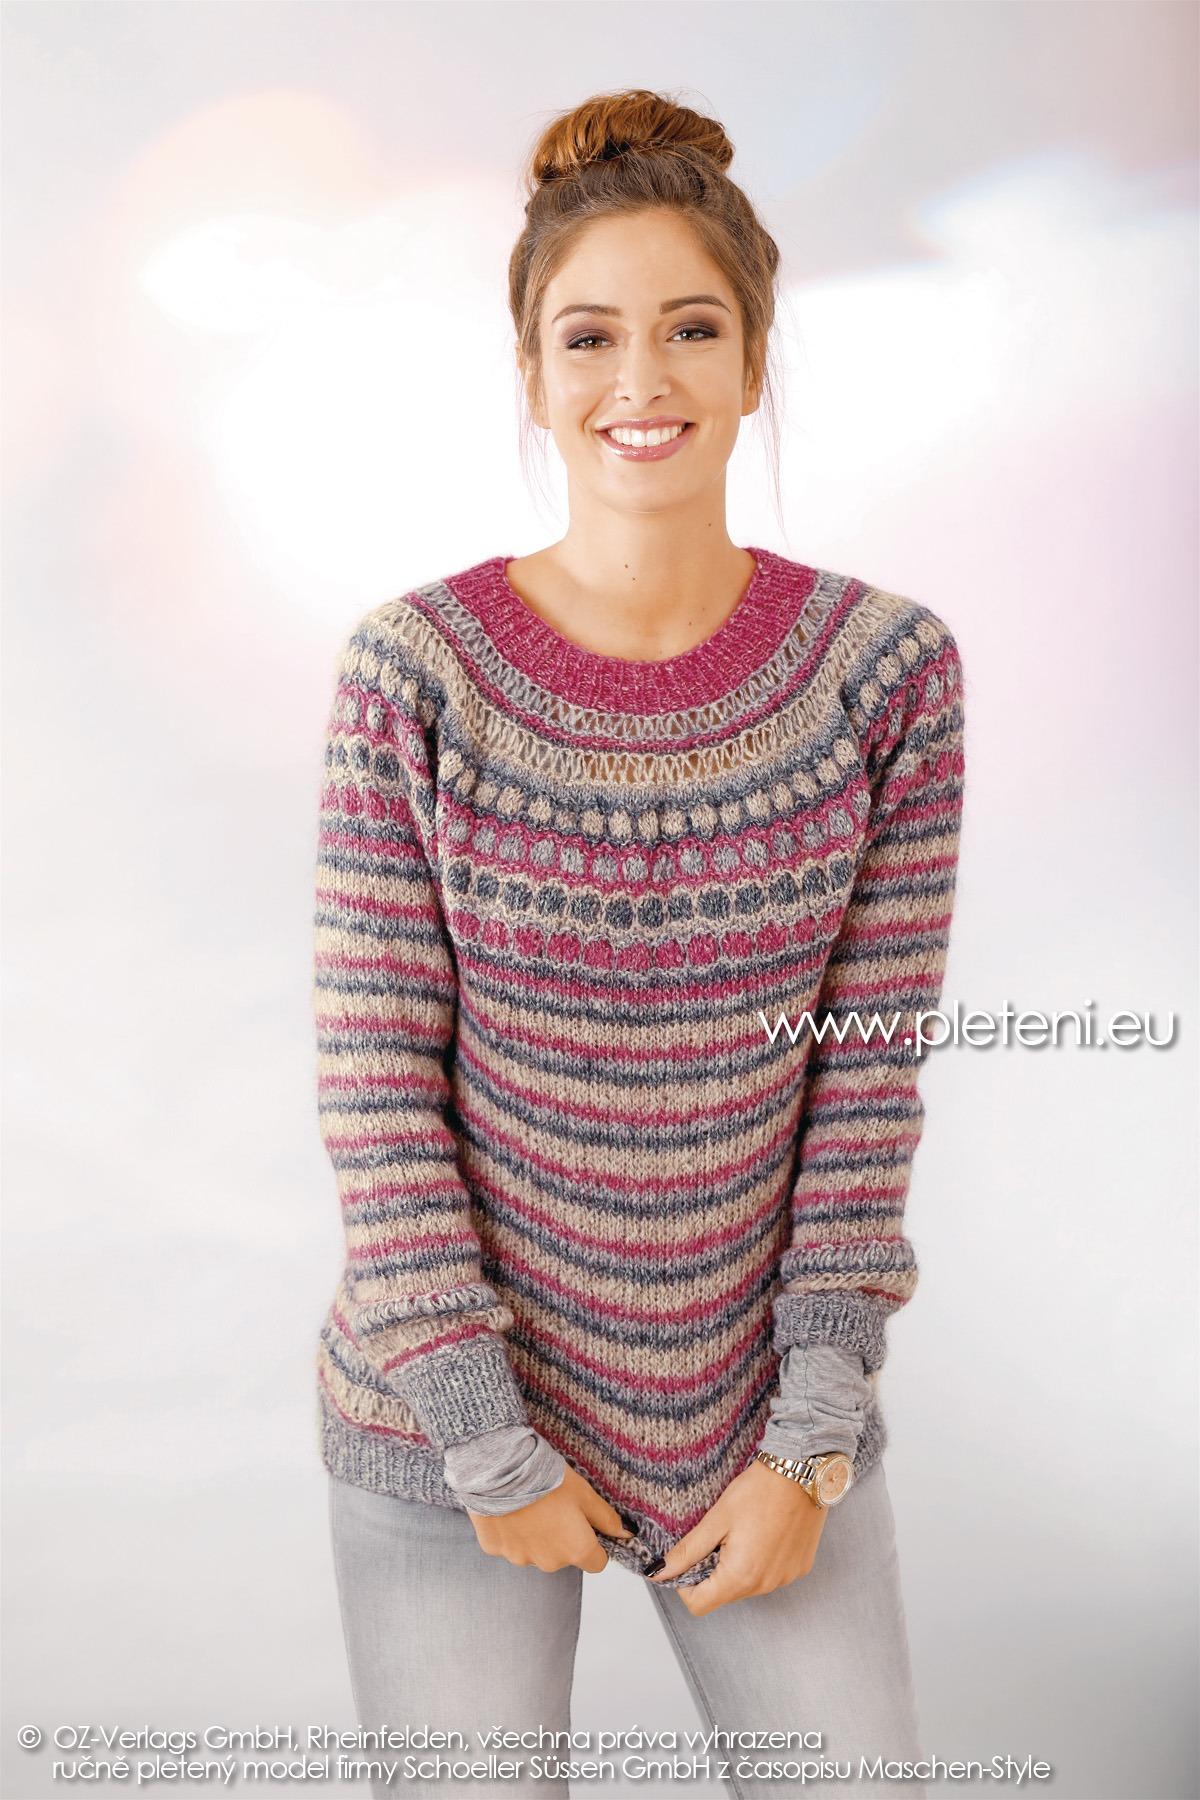 2018-Z-05 dámský svetr z příze Mohair Dream firmy Schoeller